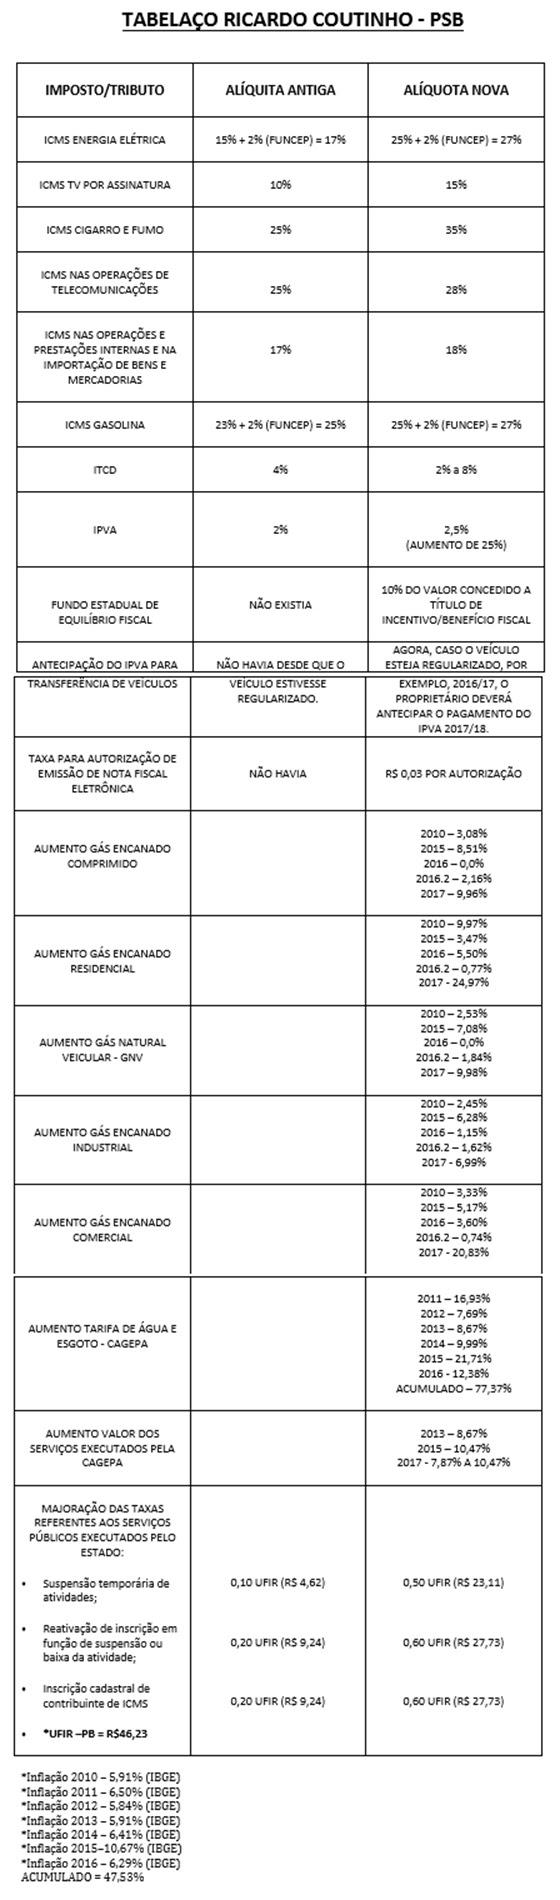 Tovar Tabelaço de aumento de impostos